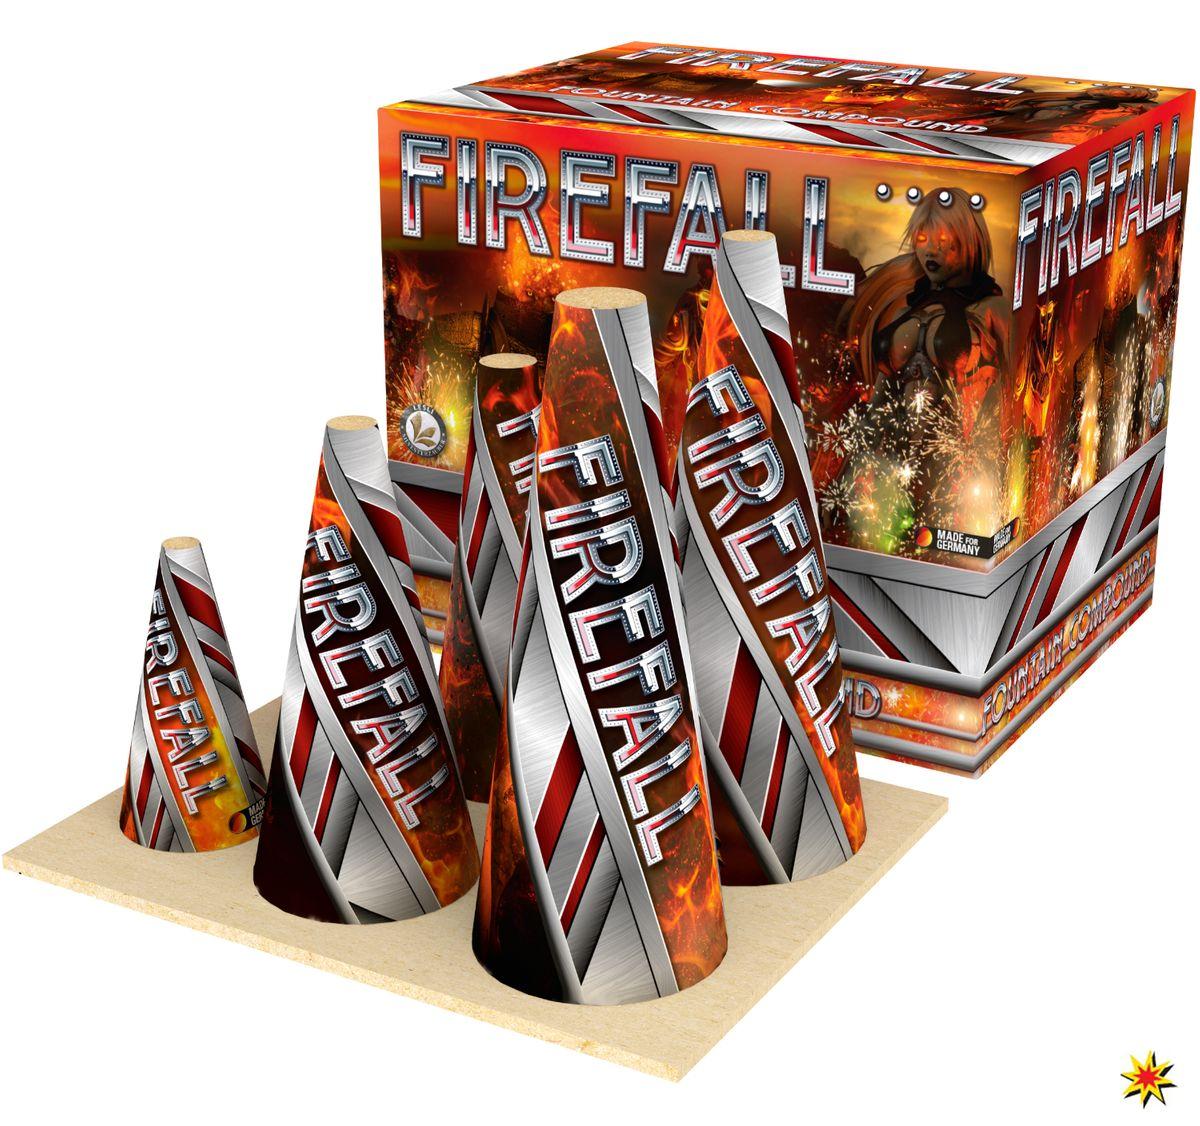 Firefall Vulkan-Feuerwerksverbund mit 2-7m Effekthöhe und  148 Sekunden Brenndauer